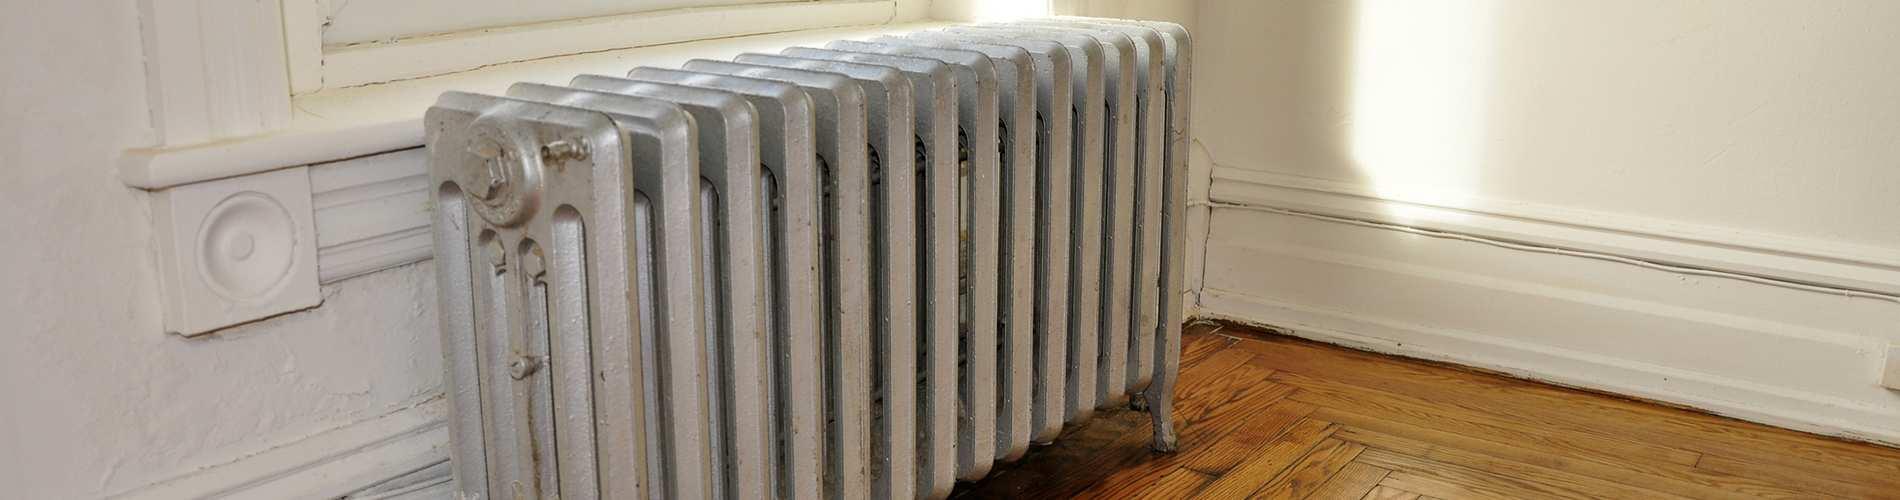 Cache Tuyaux Chaudiere Murale comment remplacer un radiateur à eau en fonte? - bricofamily